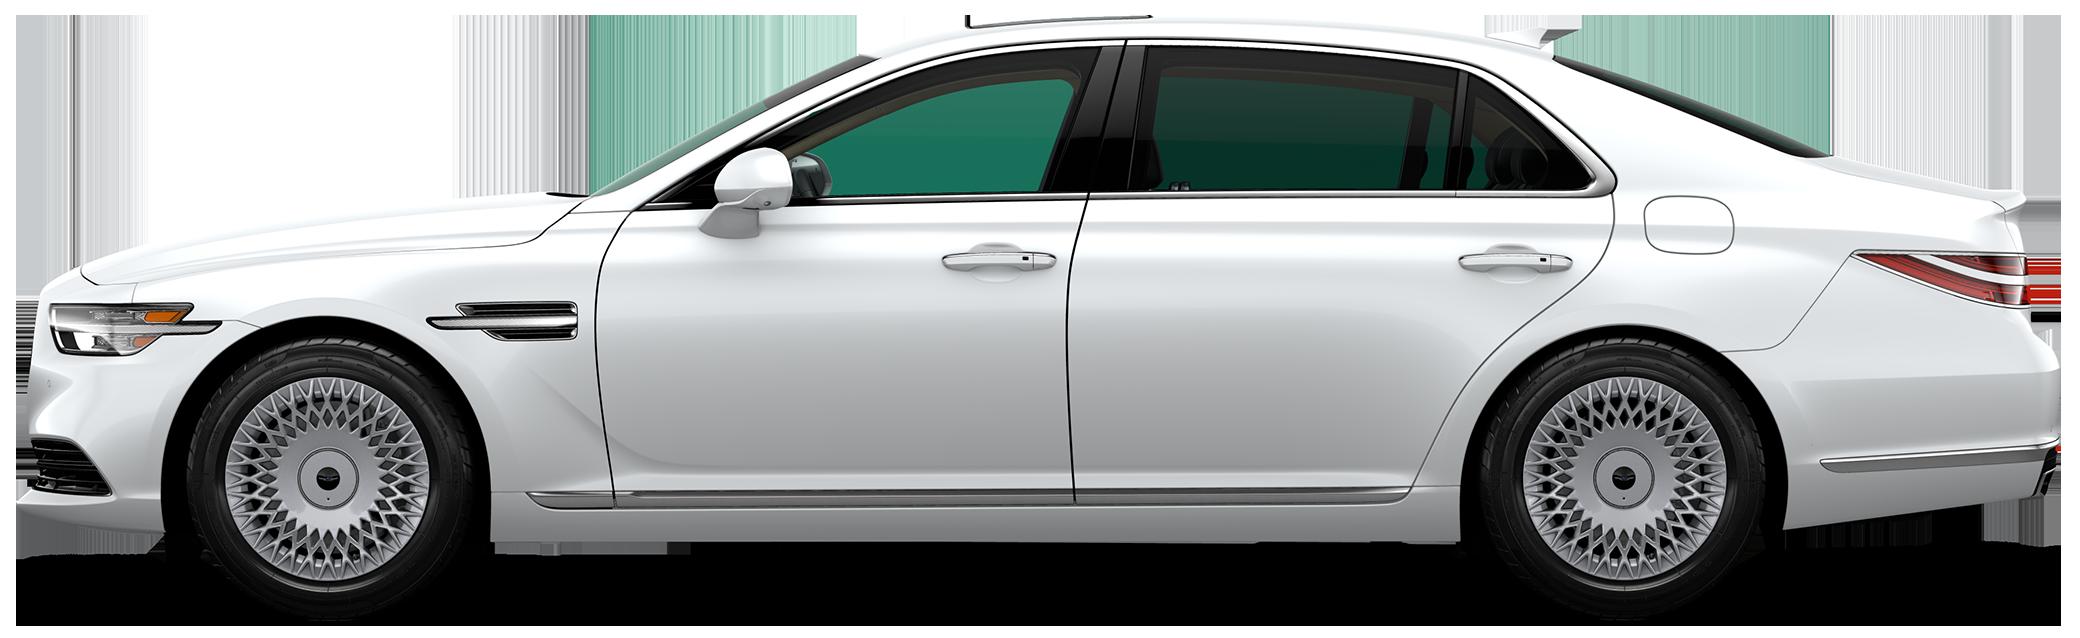 2021 Genesis G90 Sedan 5.0 Ultimate RWD